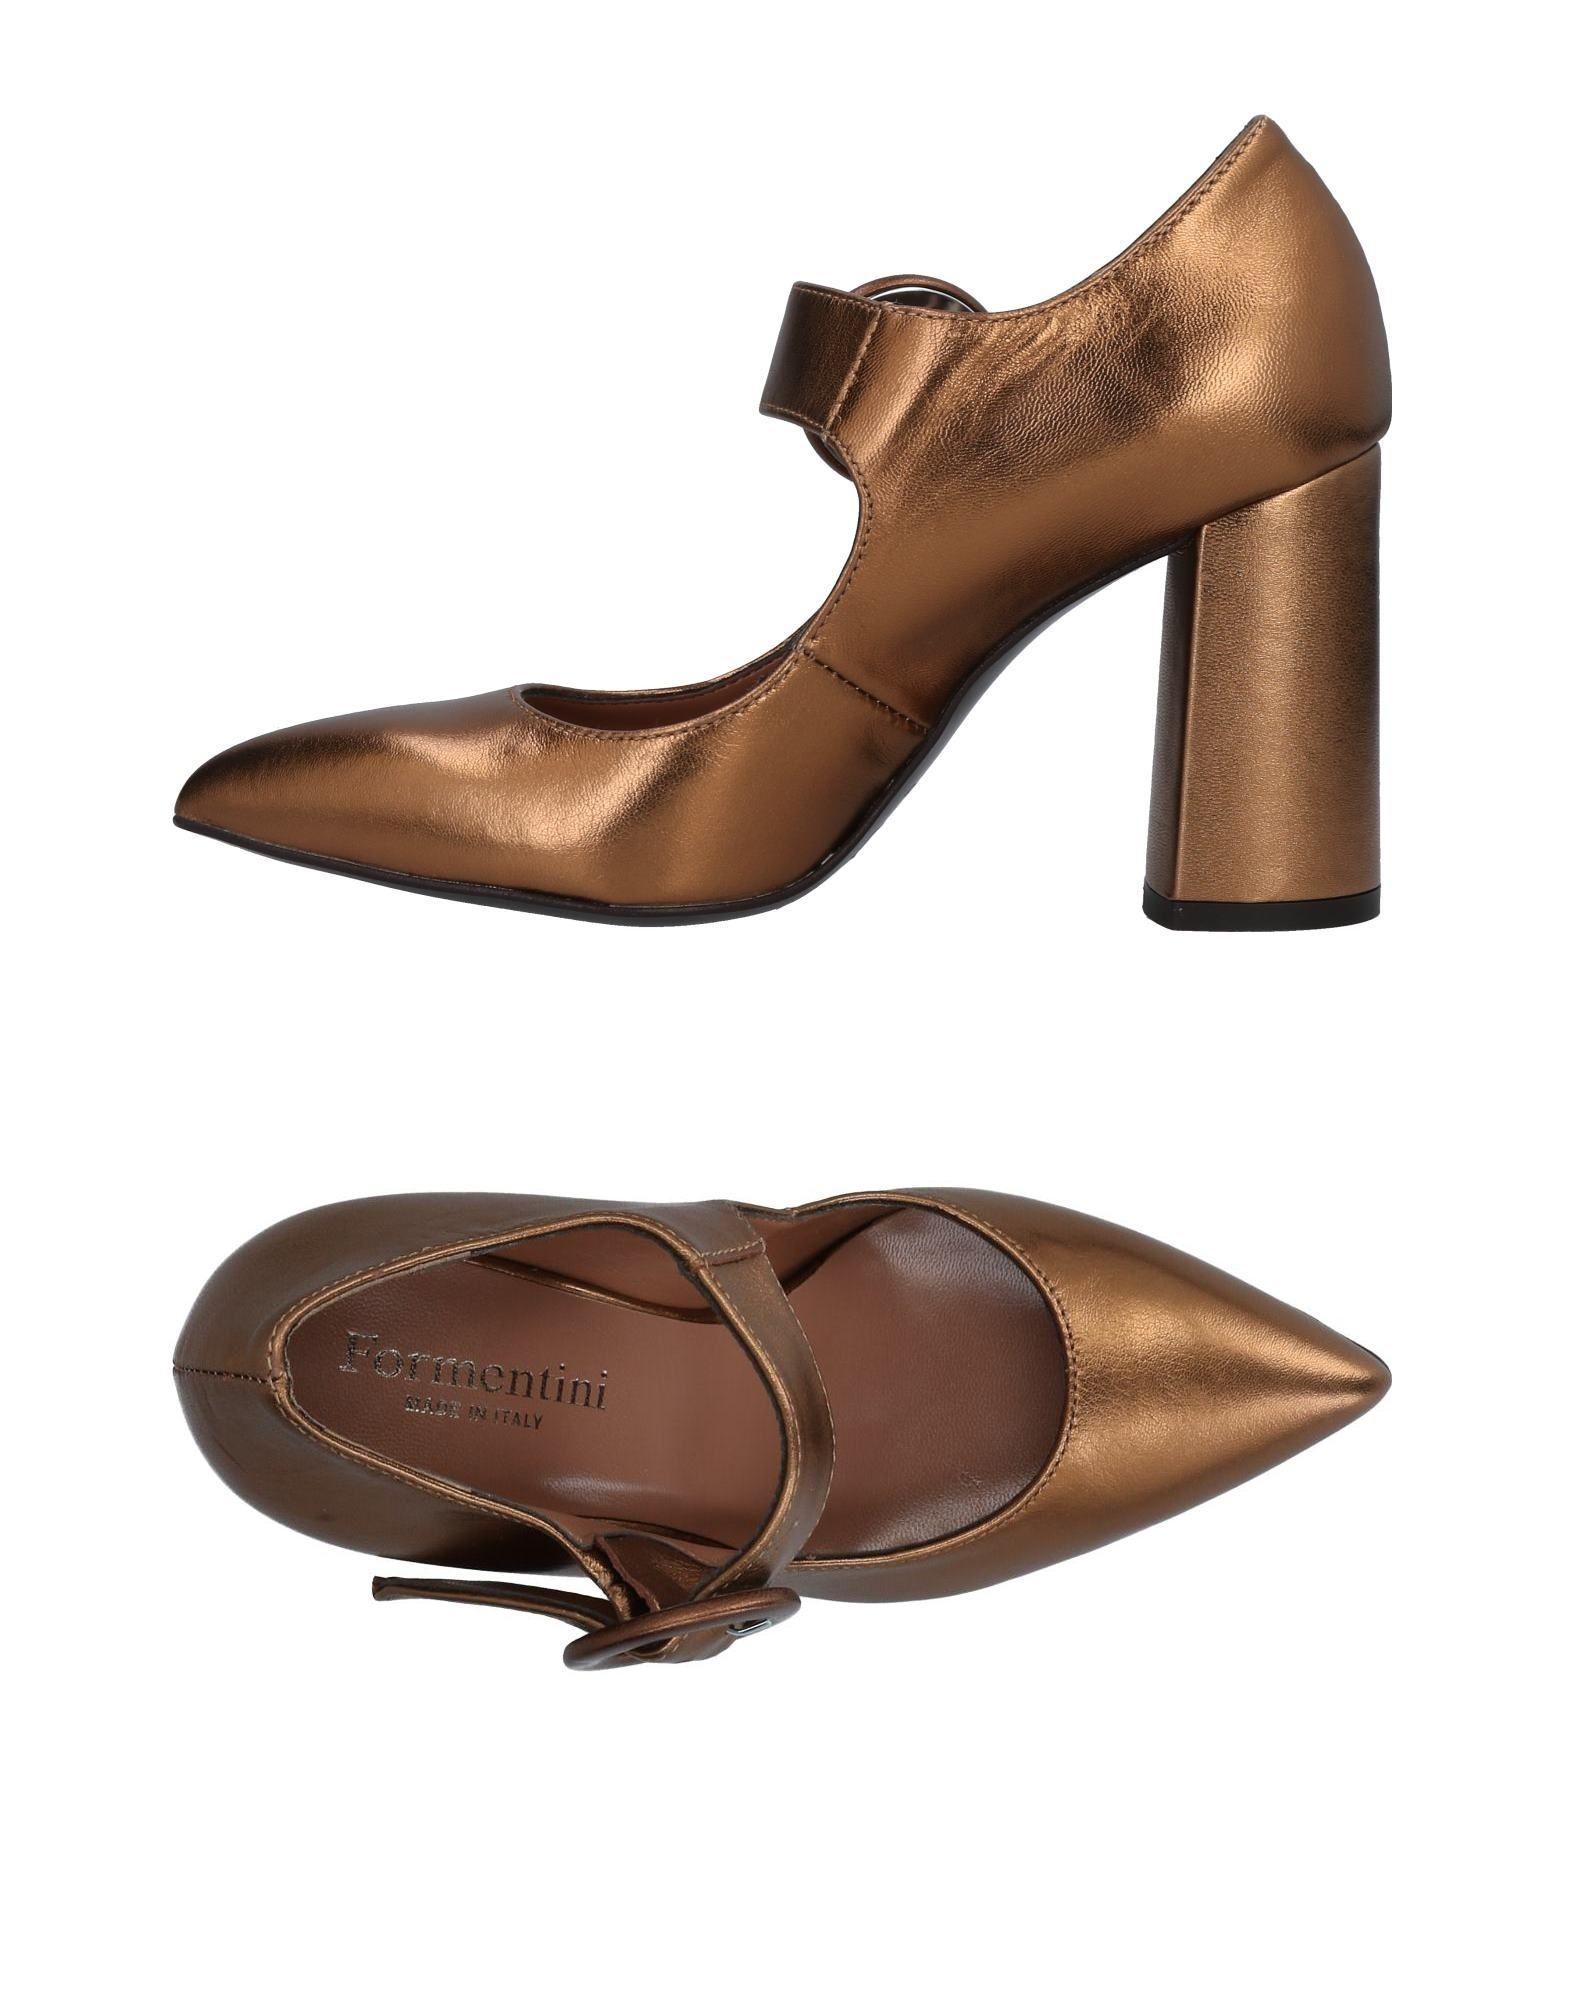 Escarpins Formentini Femme - Escarpins Formentini Bronze Meilleur modèle de vente